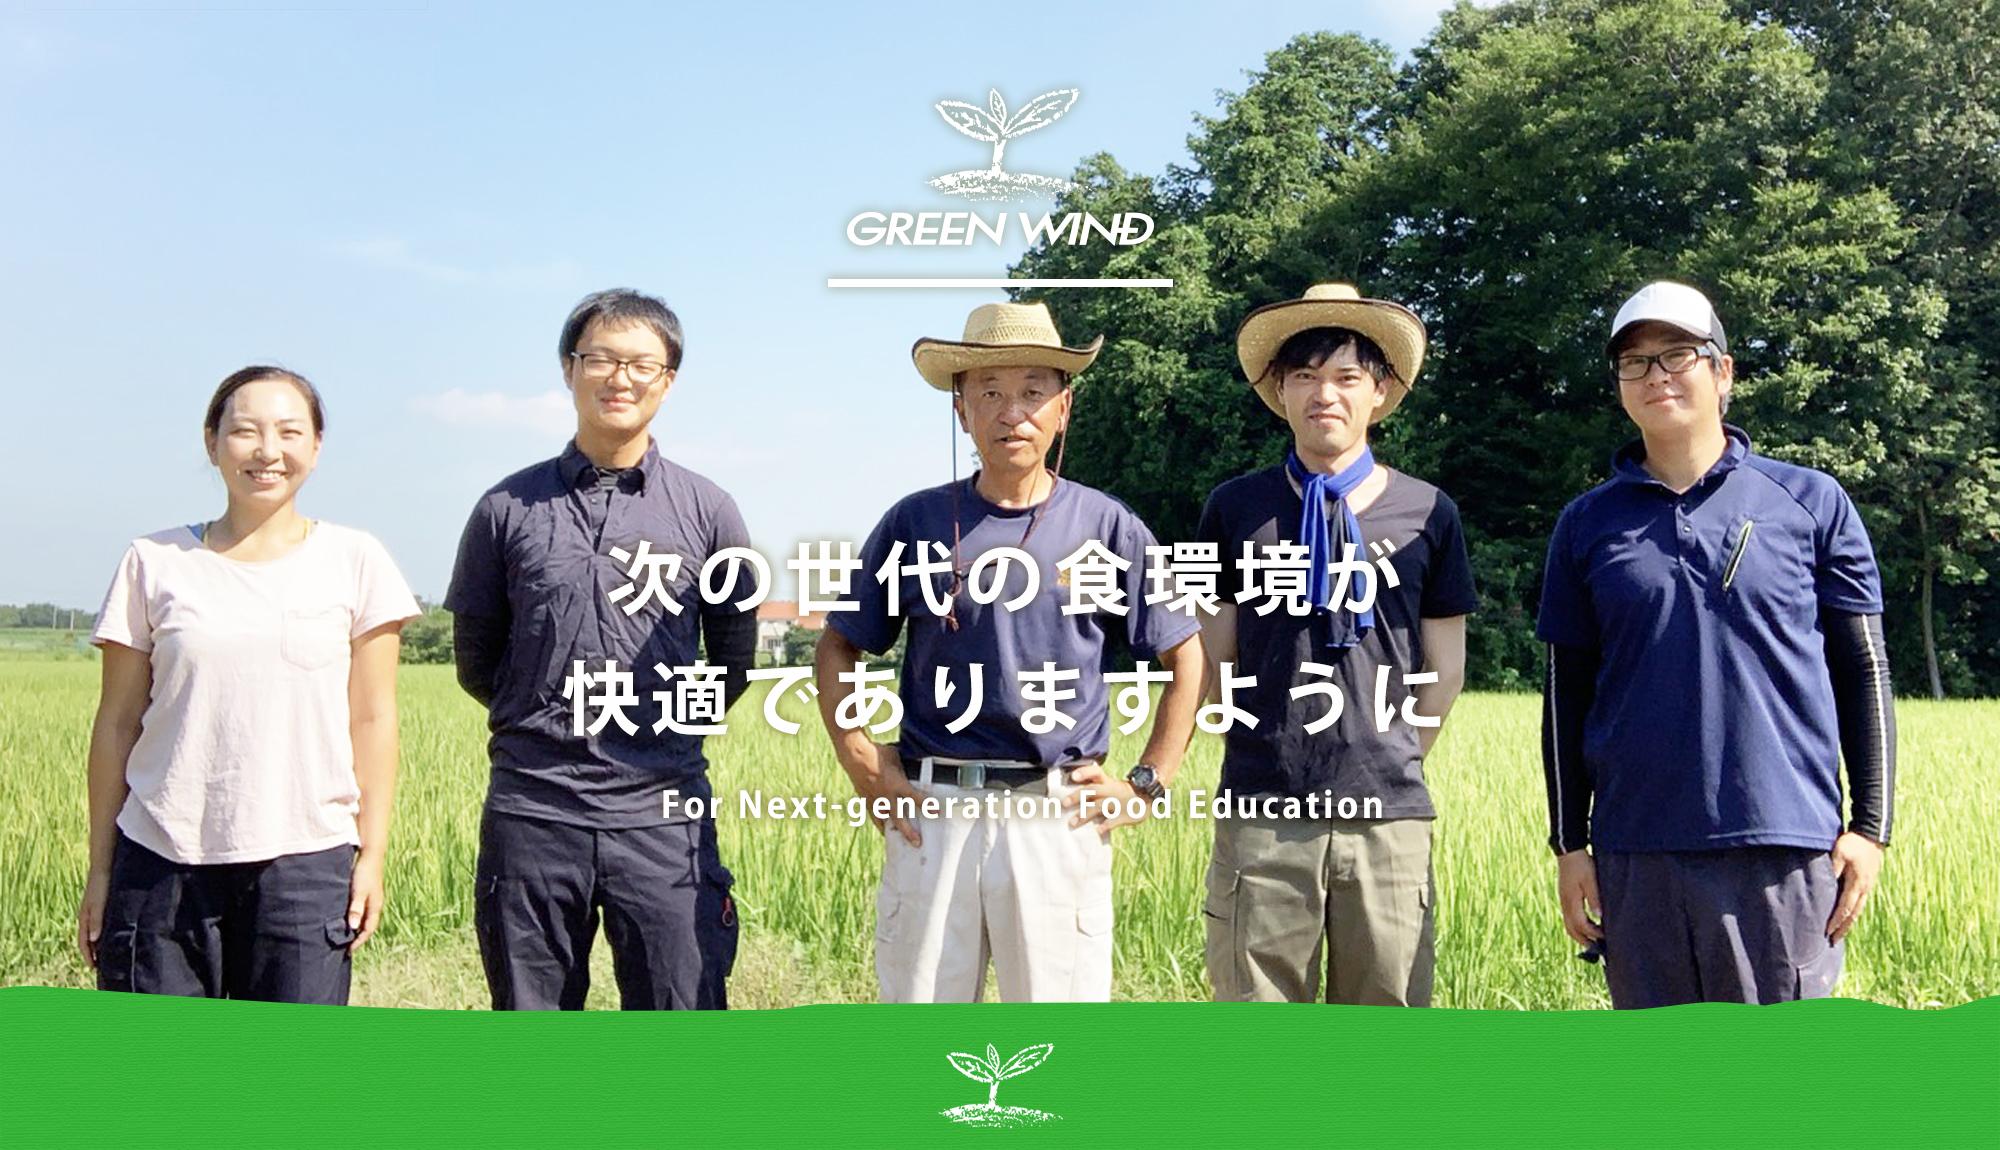 ソーラーシェアリングの下で行う農業を請け負うグリーンウィンド